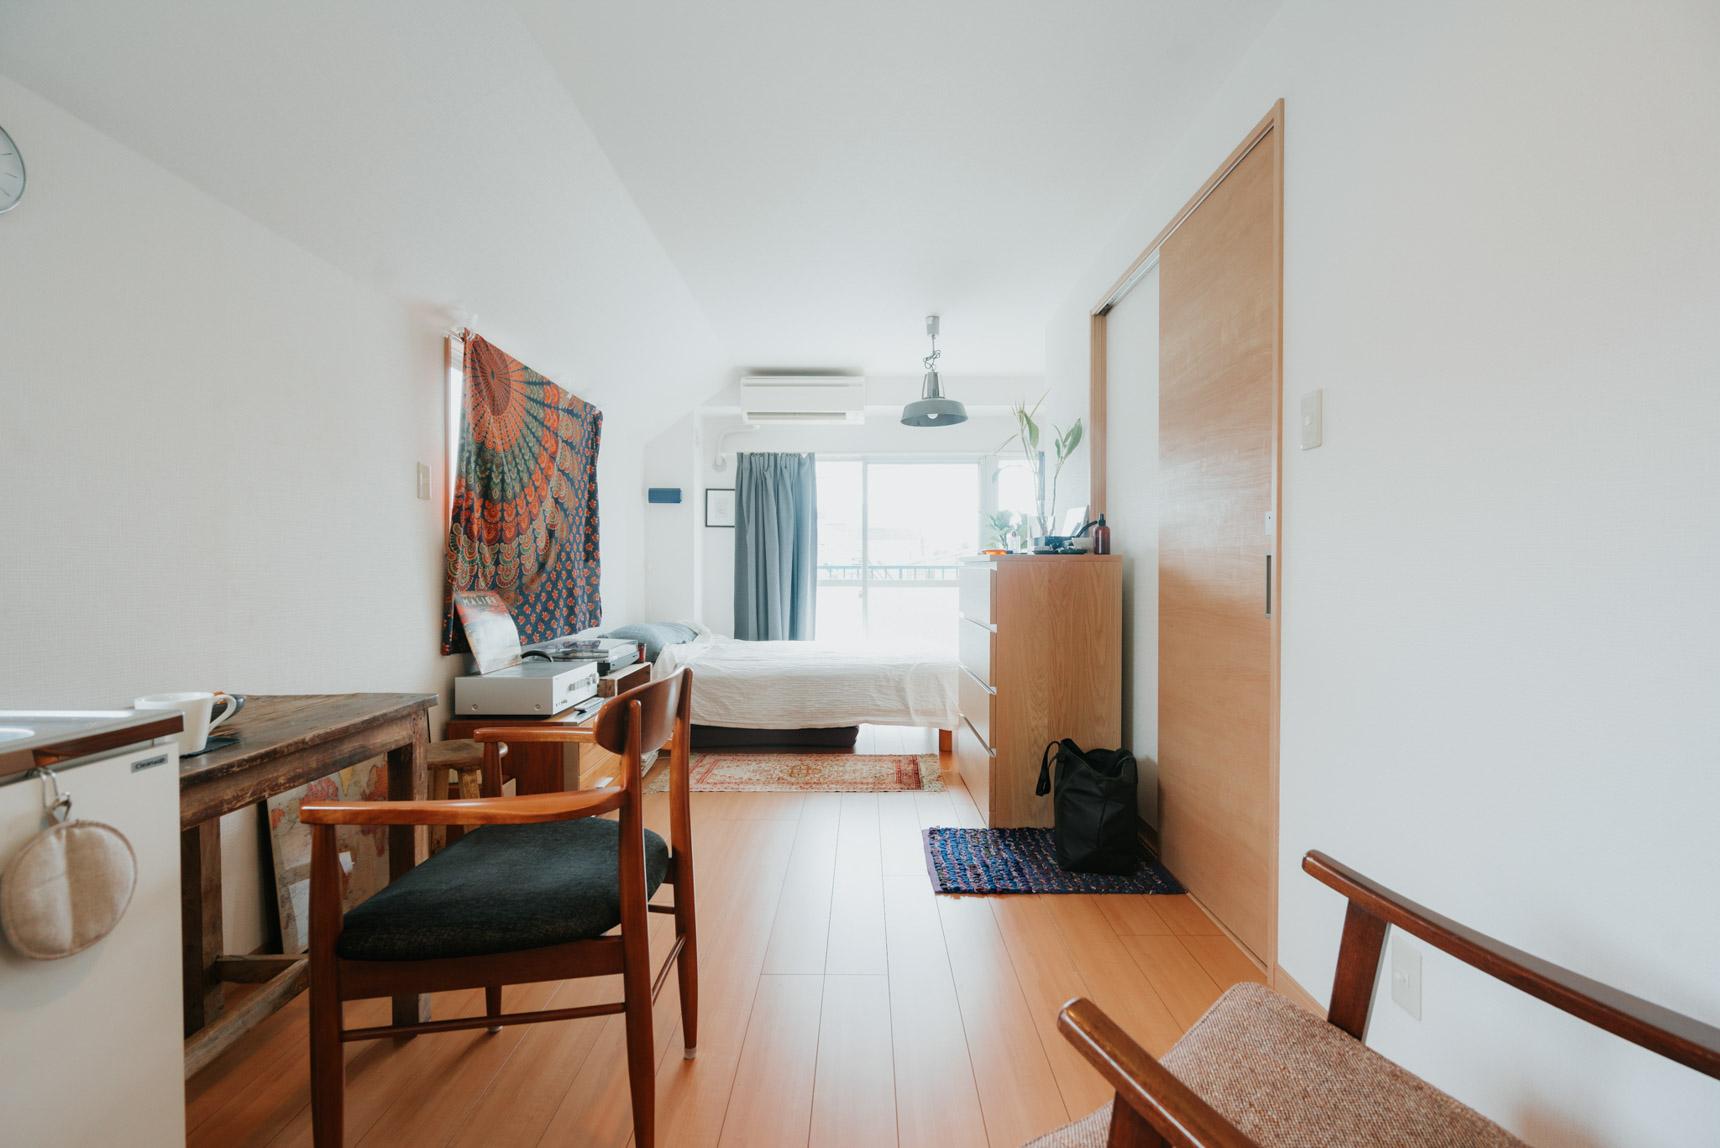 広めのワンルームに「あえて、バラバラの家具」でつくる、フレキシブルな一人暮らしインテリア